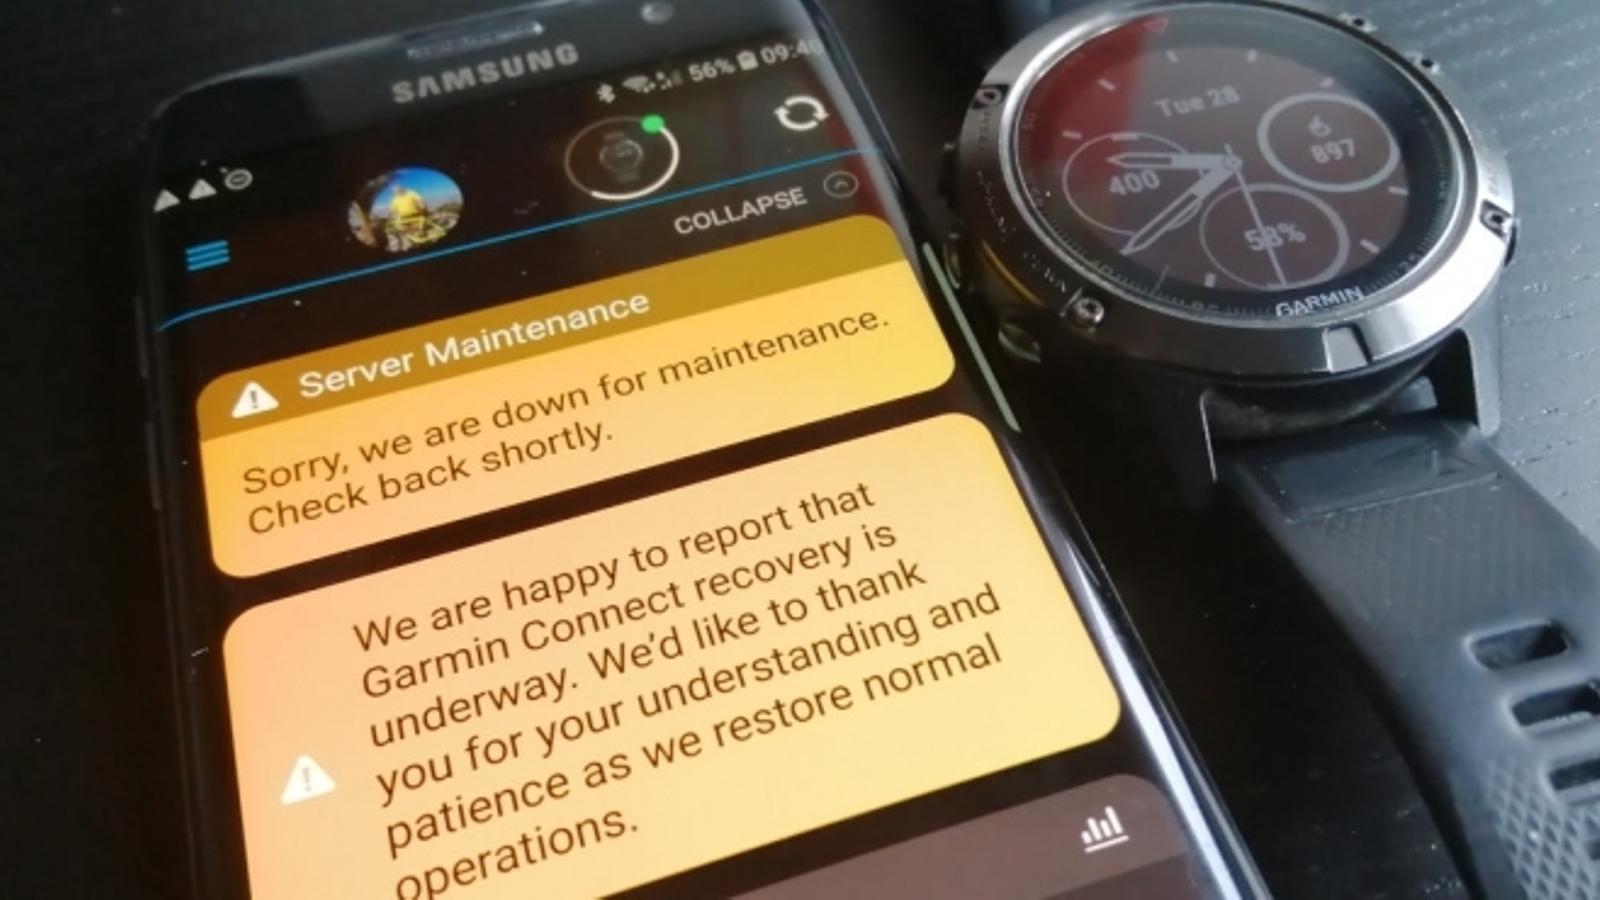 Aquest és el missatge que envia Garmin quan s'intenta fer servir un dels seus rellotges. / ANA